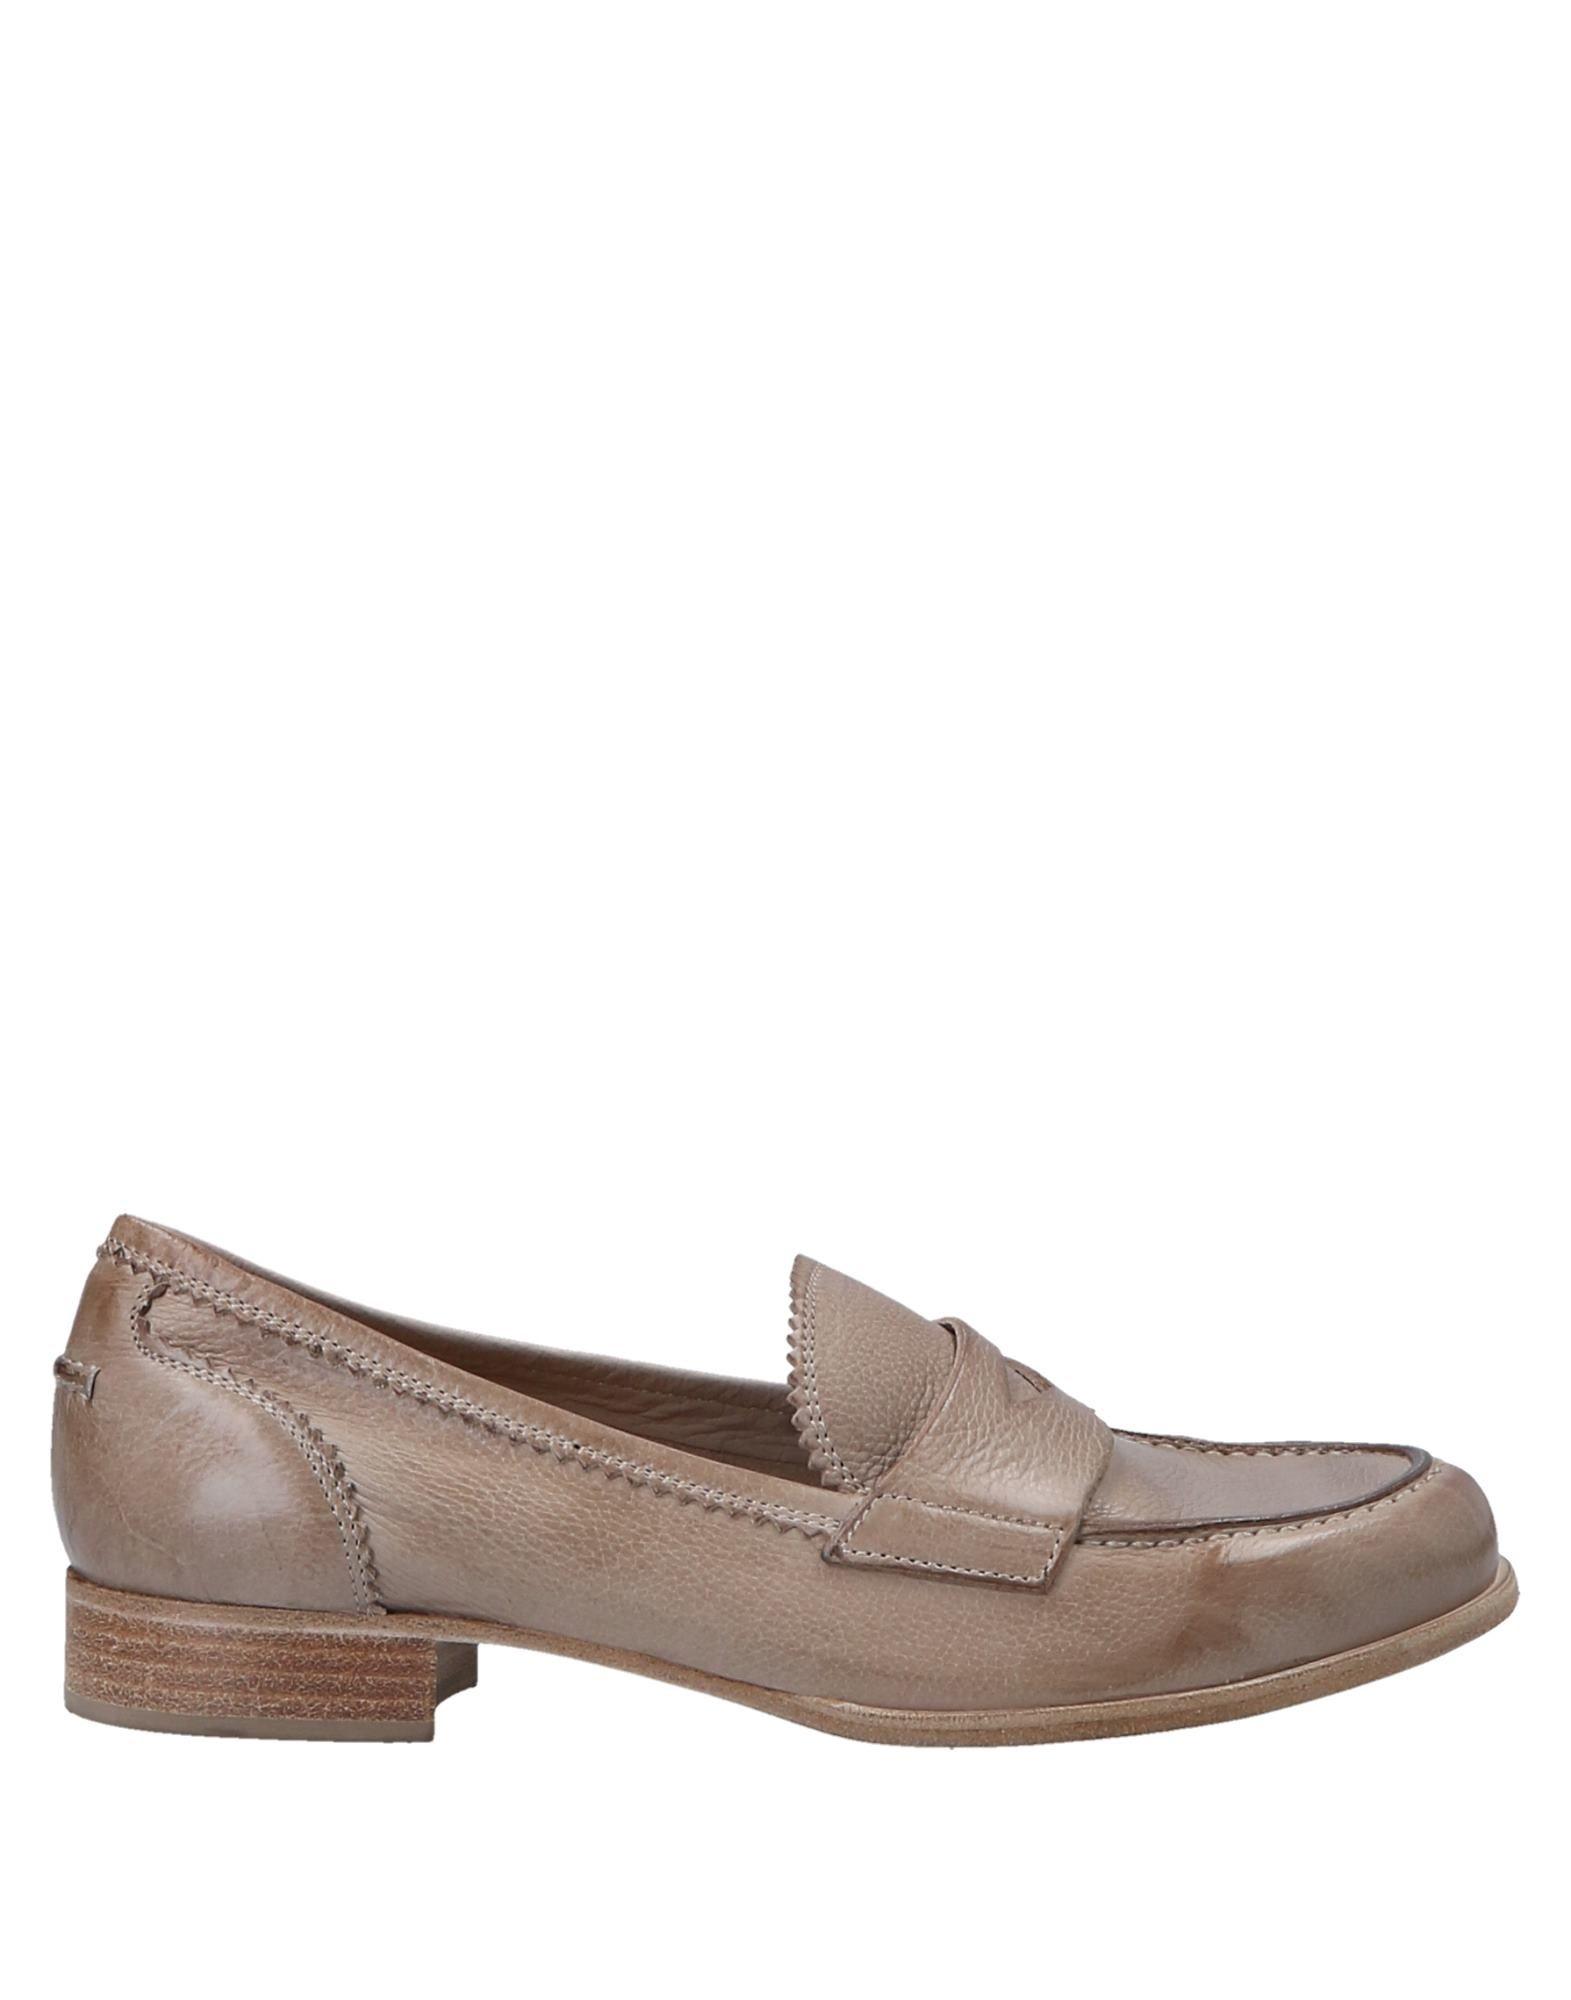 Calpierre Mokassins Qualität Damen  11551978GS Gute Qualität Mokassins beliebte Schuhe 296431